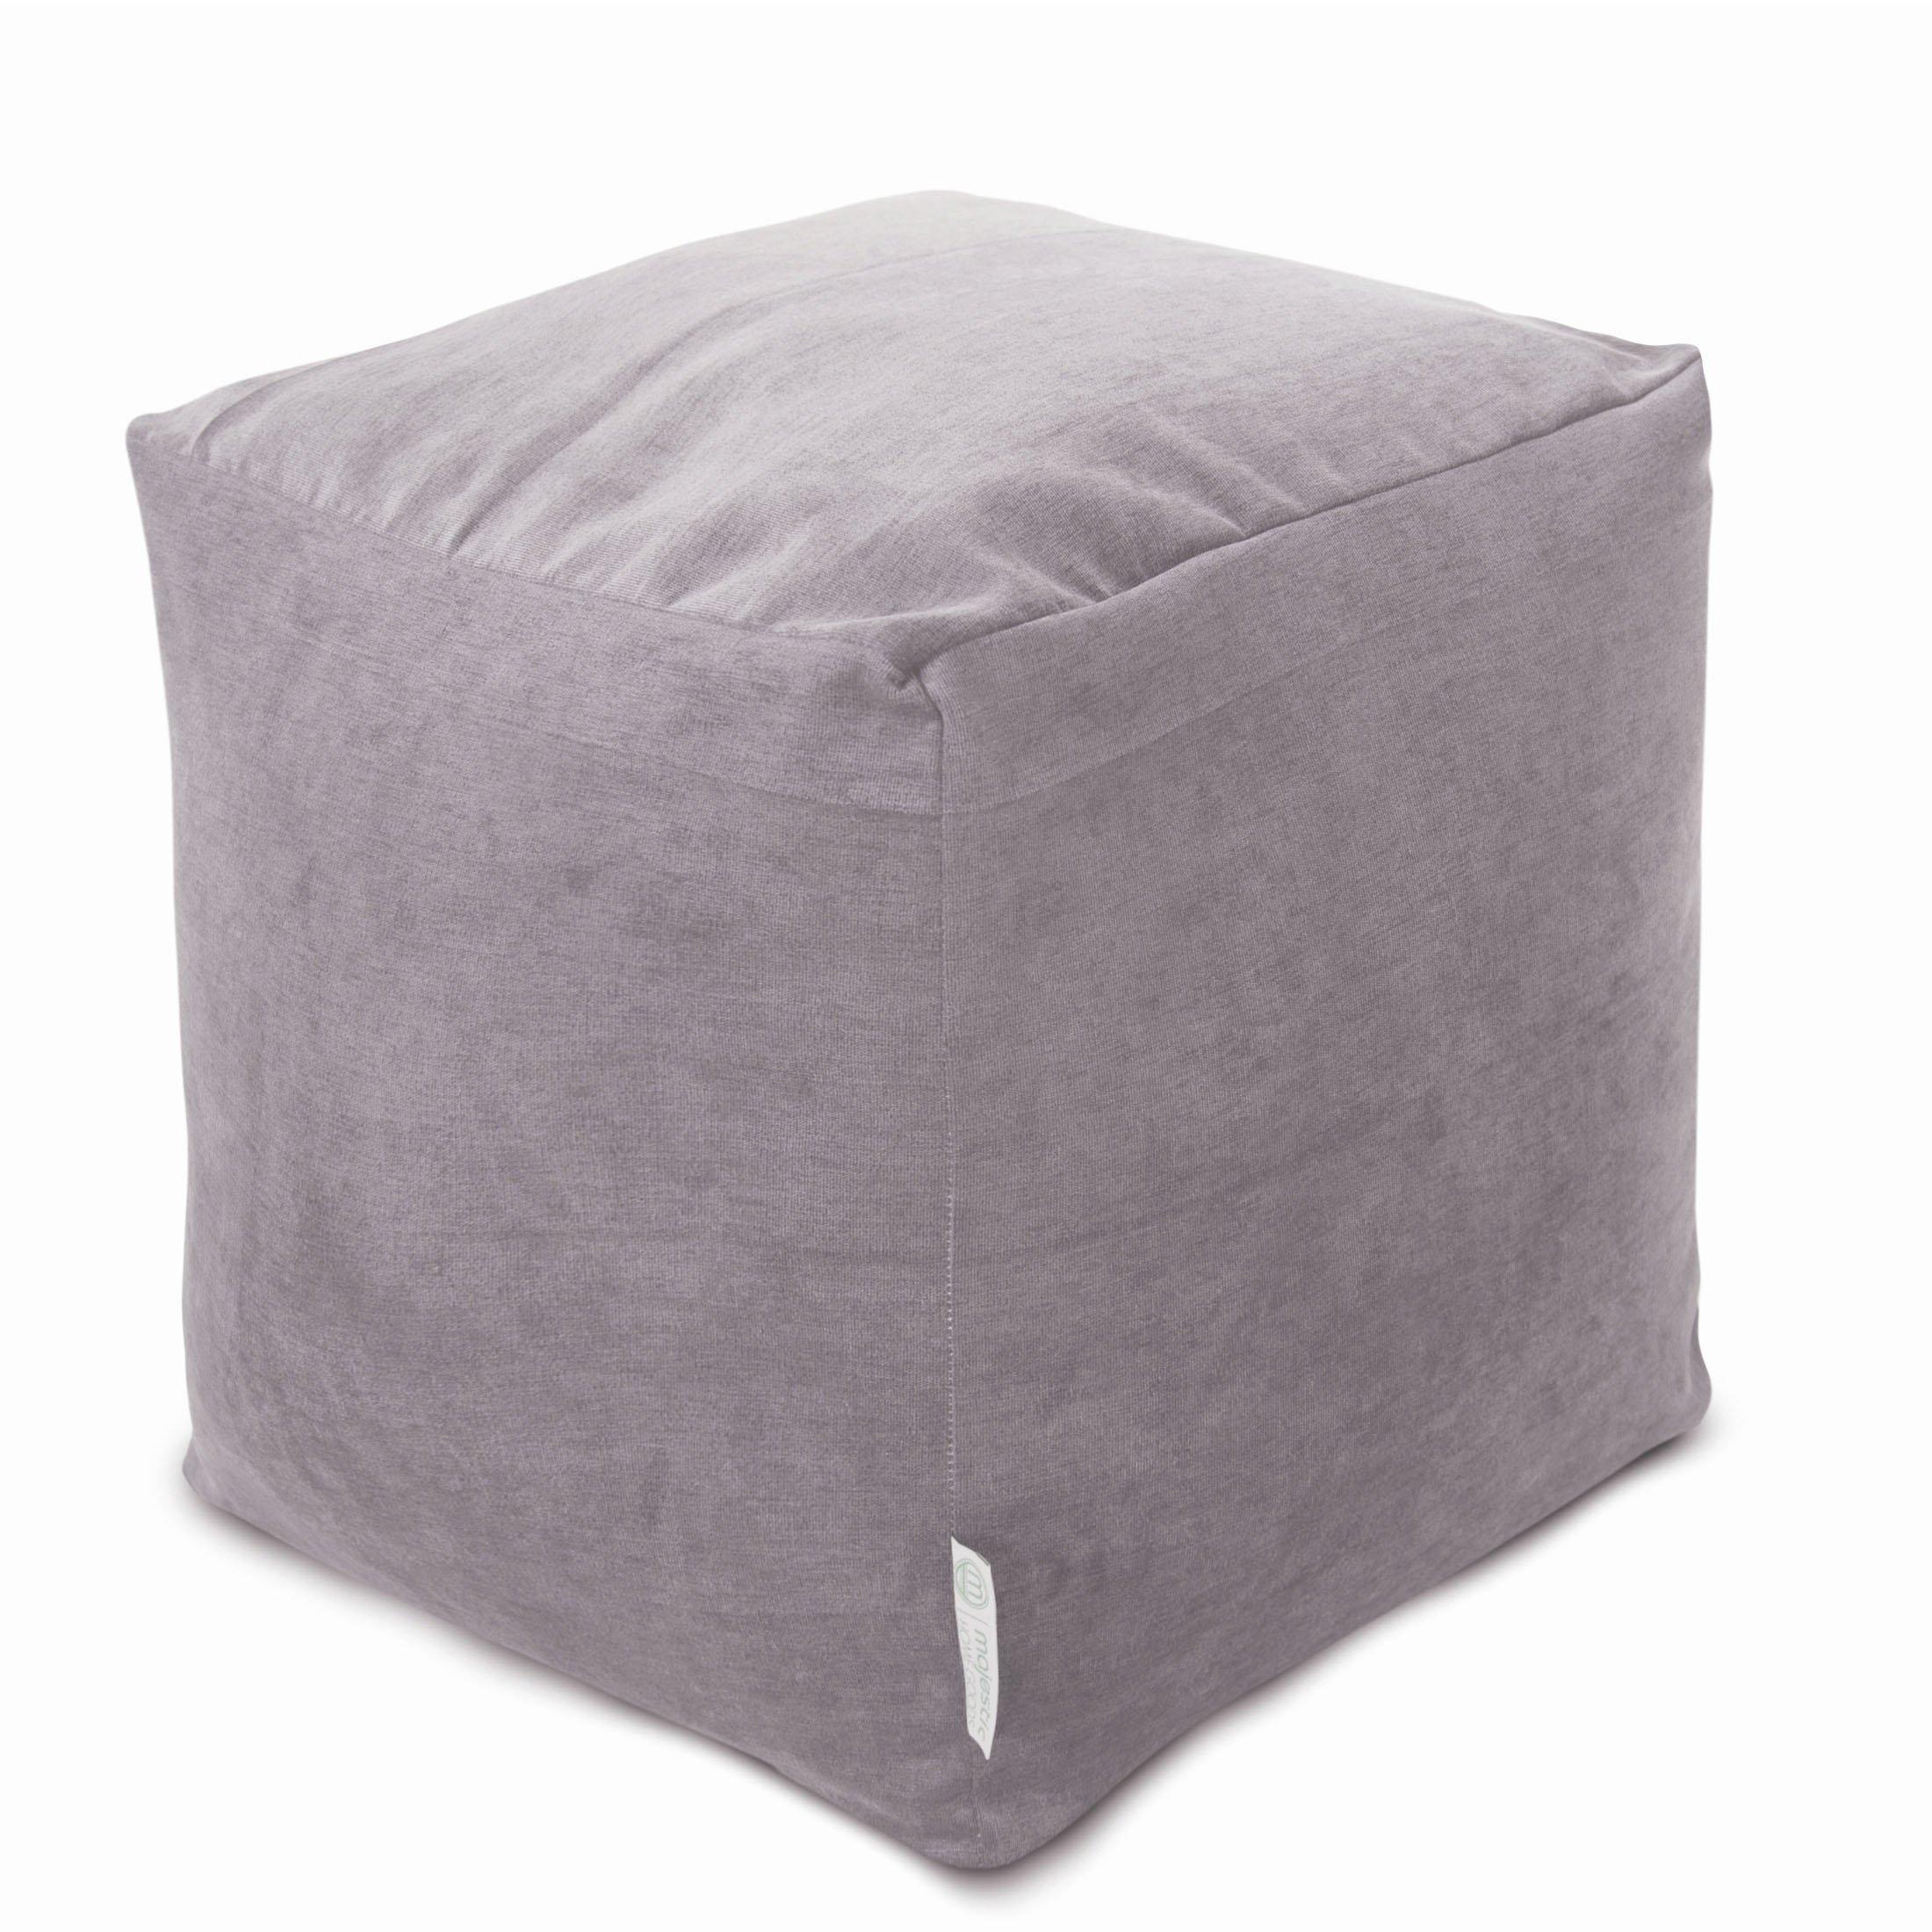 Majestic Home Goods Vintage Villa Indoor Bean Bag Ottoman Pouf Cube 17'' L x 17'' W x 17'' H